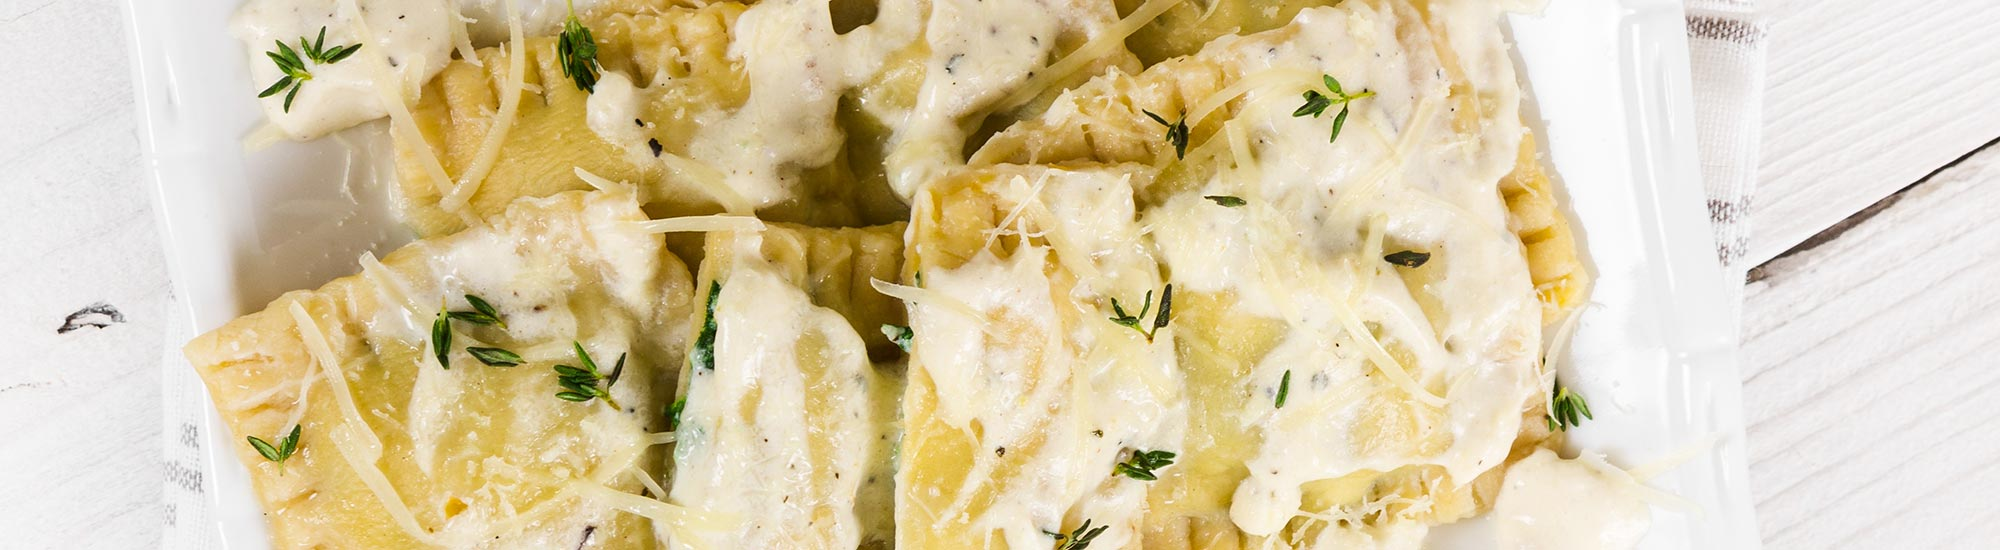 ricetta Tortelli di zucca con fonduta di gorgonzola e timo con pasta fresca